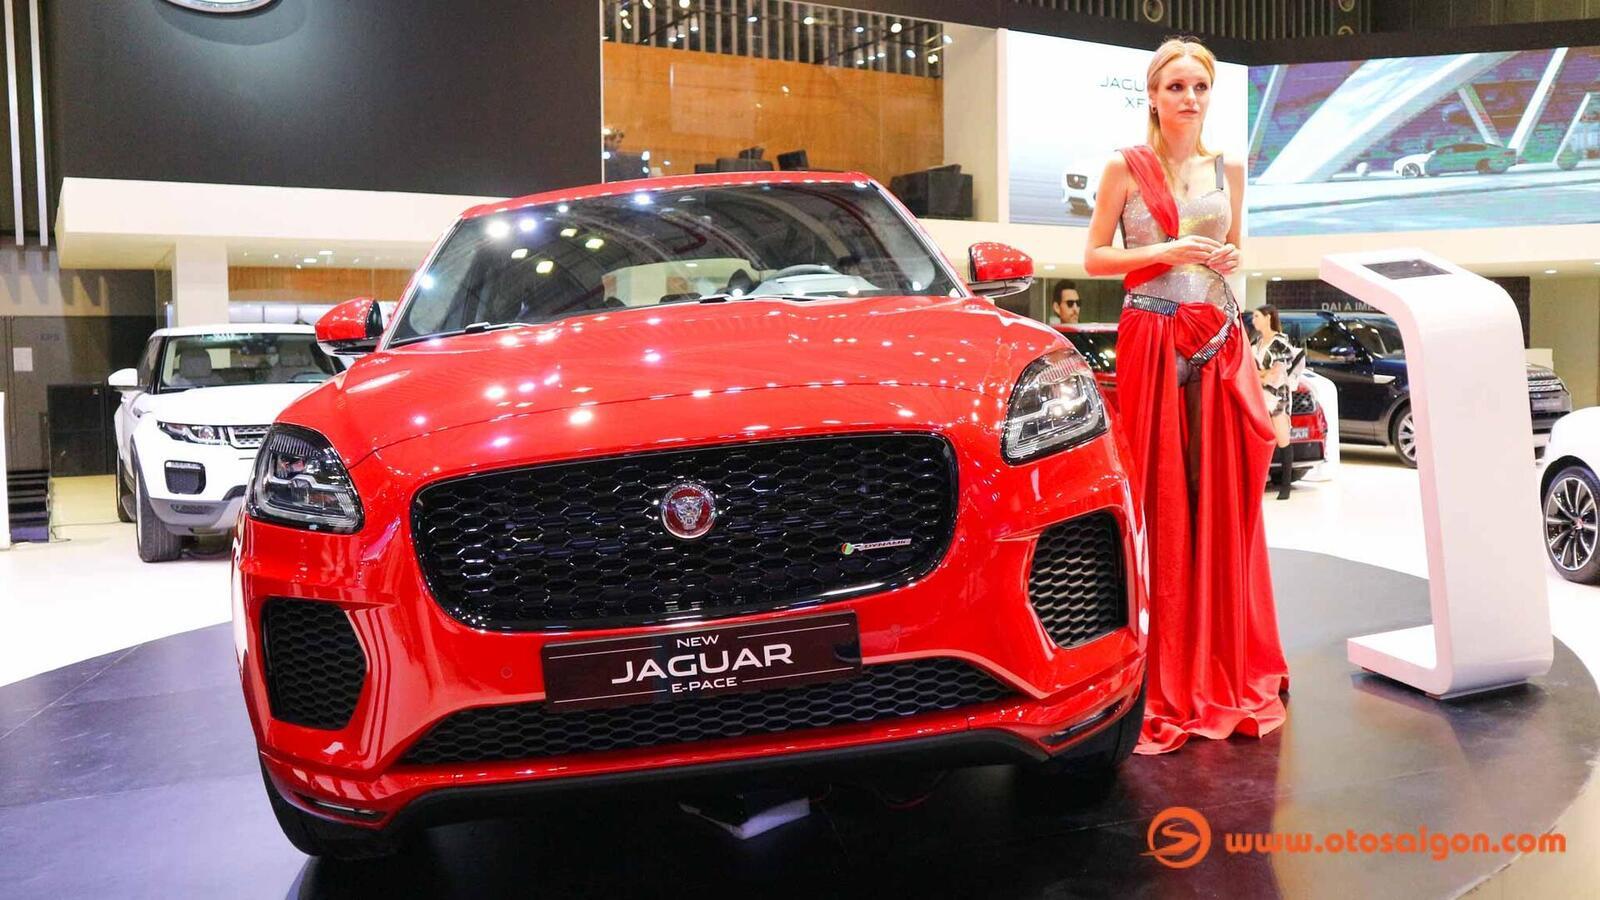 Triệu hồi 8 xe Jaguar E-PACE sử dụng động cơ xăng 2.0L tại Việt Nam - Hình 1